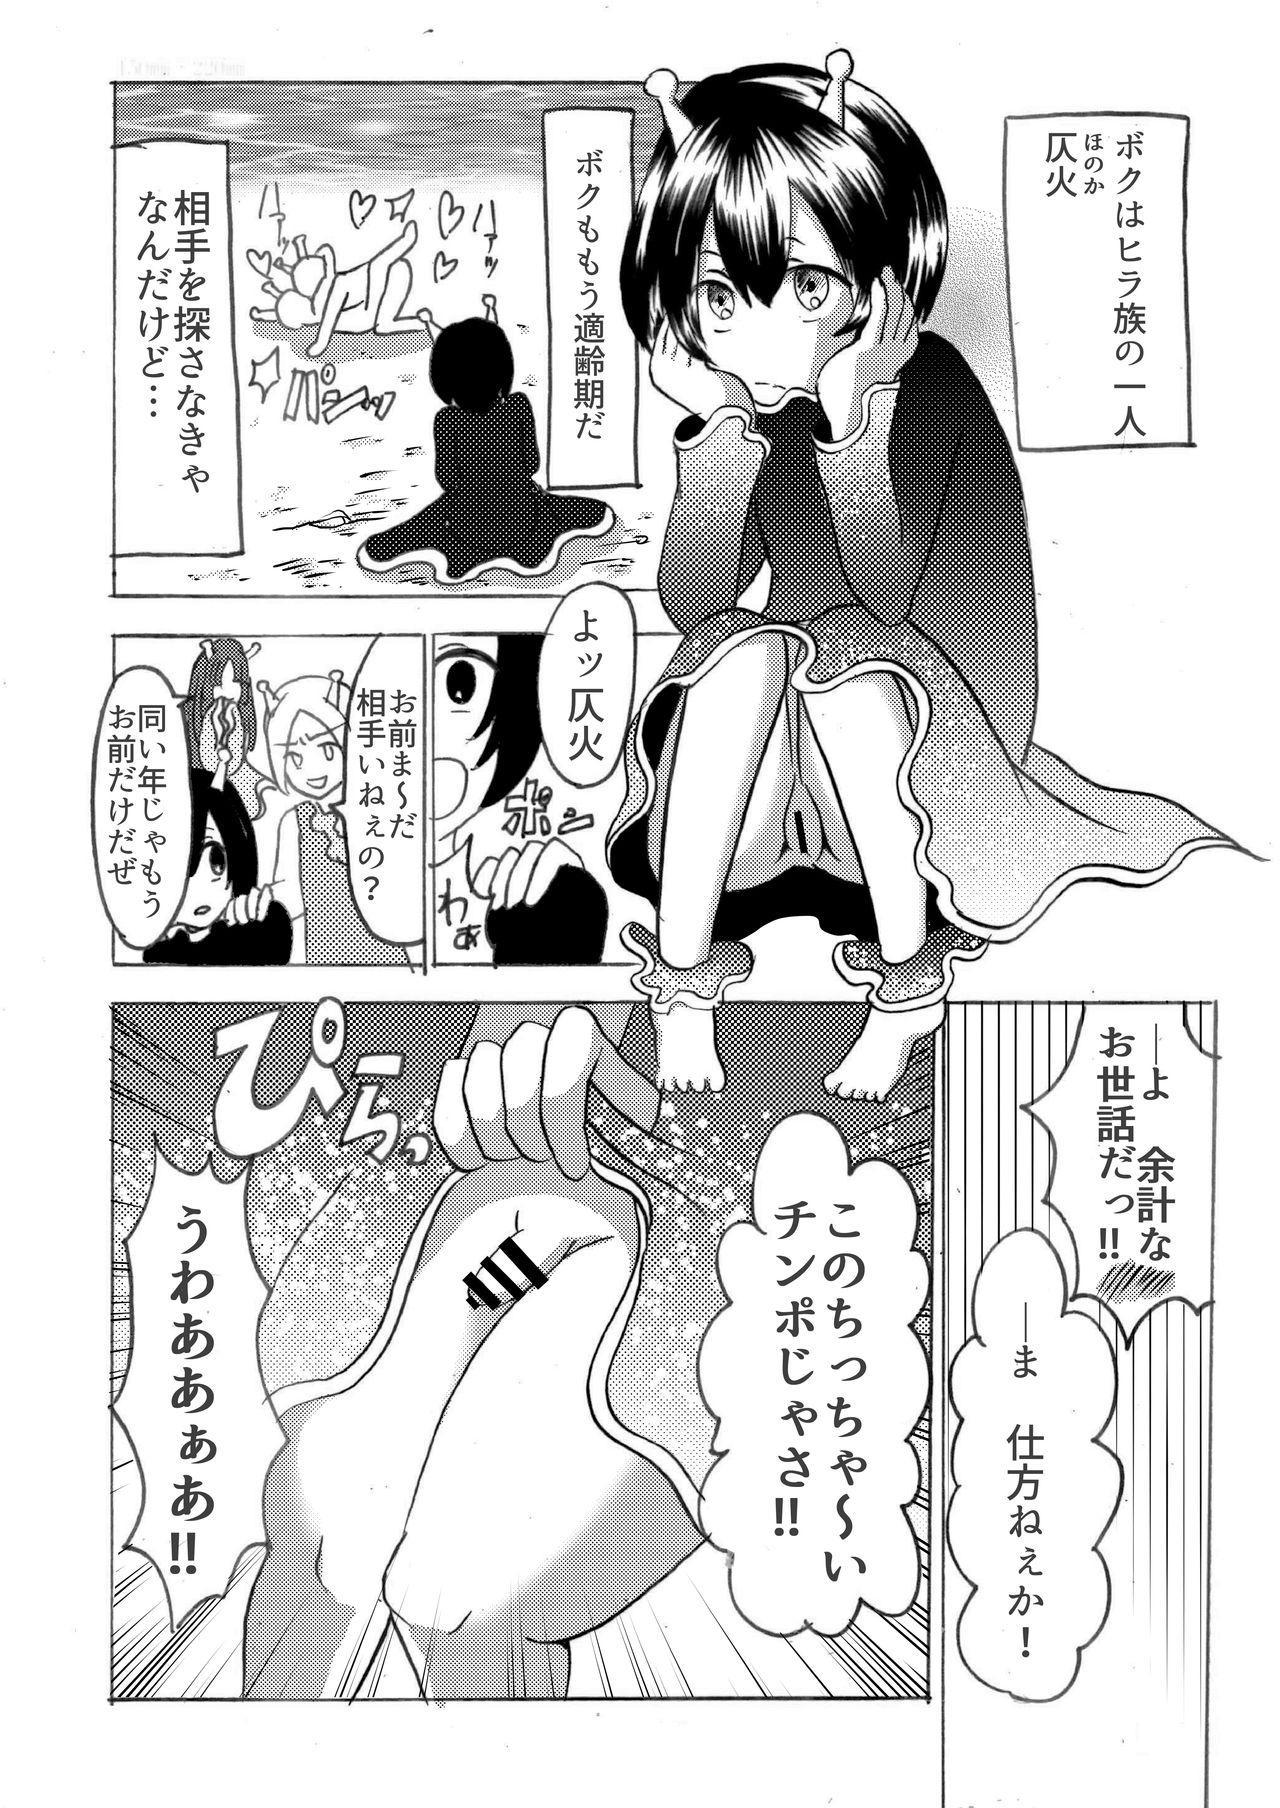 Hira-zoku no Hanashi 4